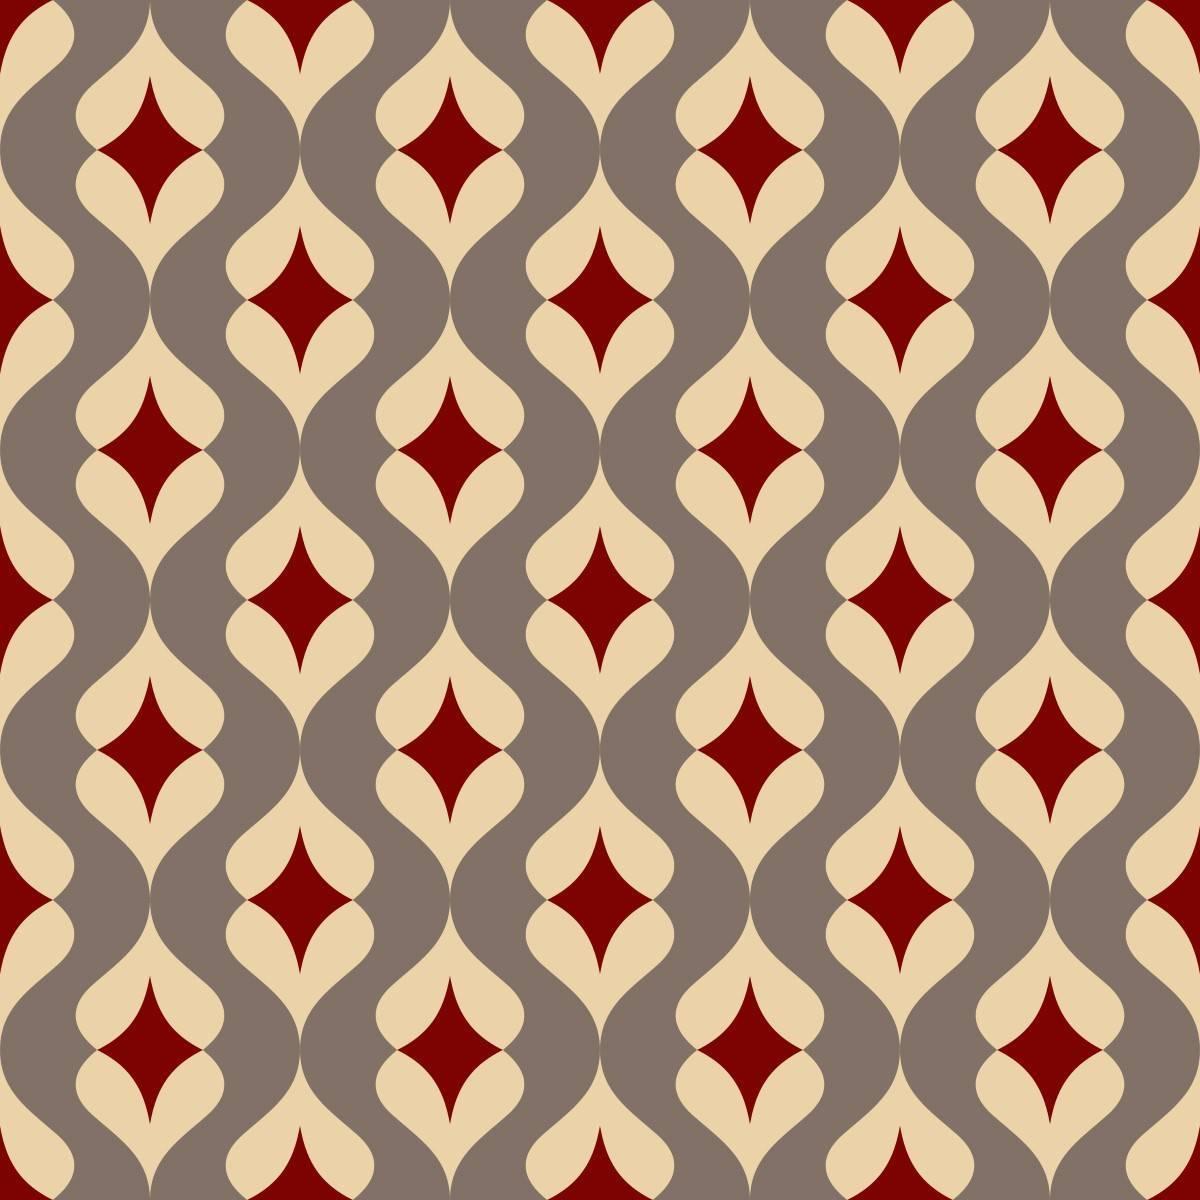 Papel de Parede Vermelho e Bege | Adesivo Vinilico imagem 2